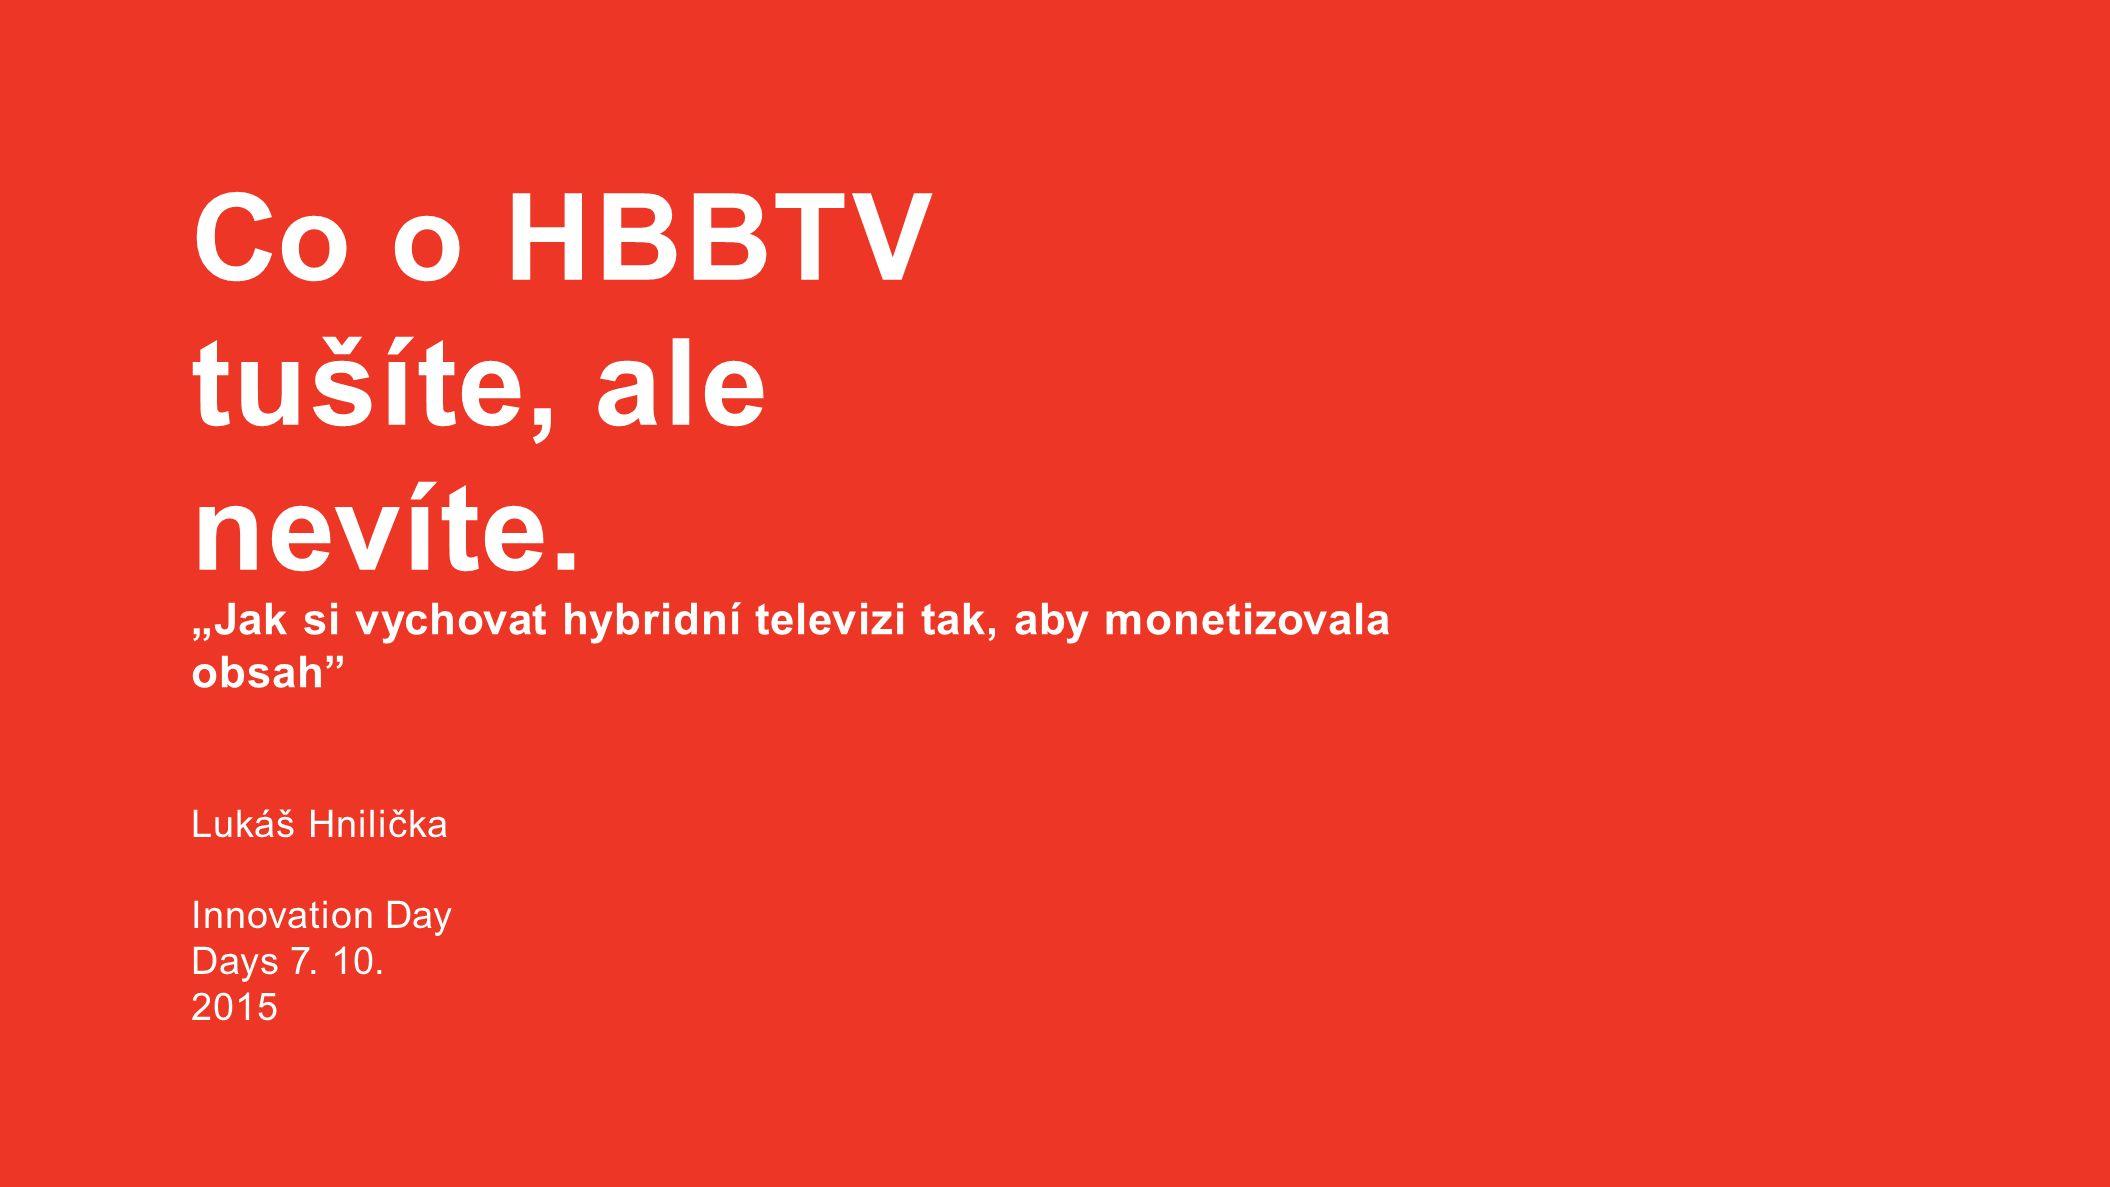 """Co o HBBTV tušíte, ale nevíte. """"Jak si vychovat hybridní televizi tak, aby monetizovala obsah"""" Lukáš Hnilička Innovation Day Days 7. 10. 2015"""